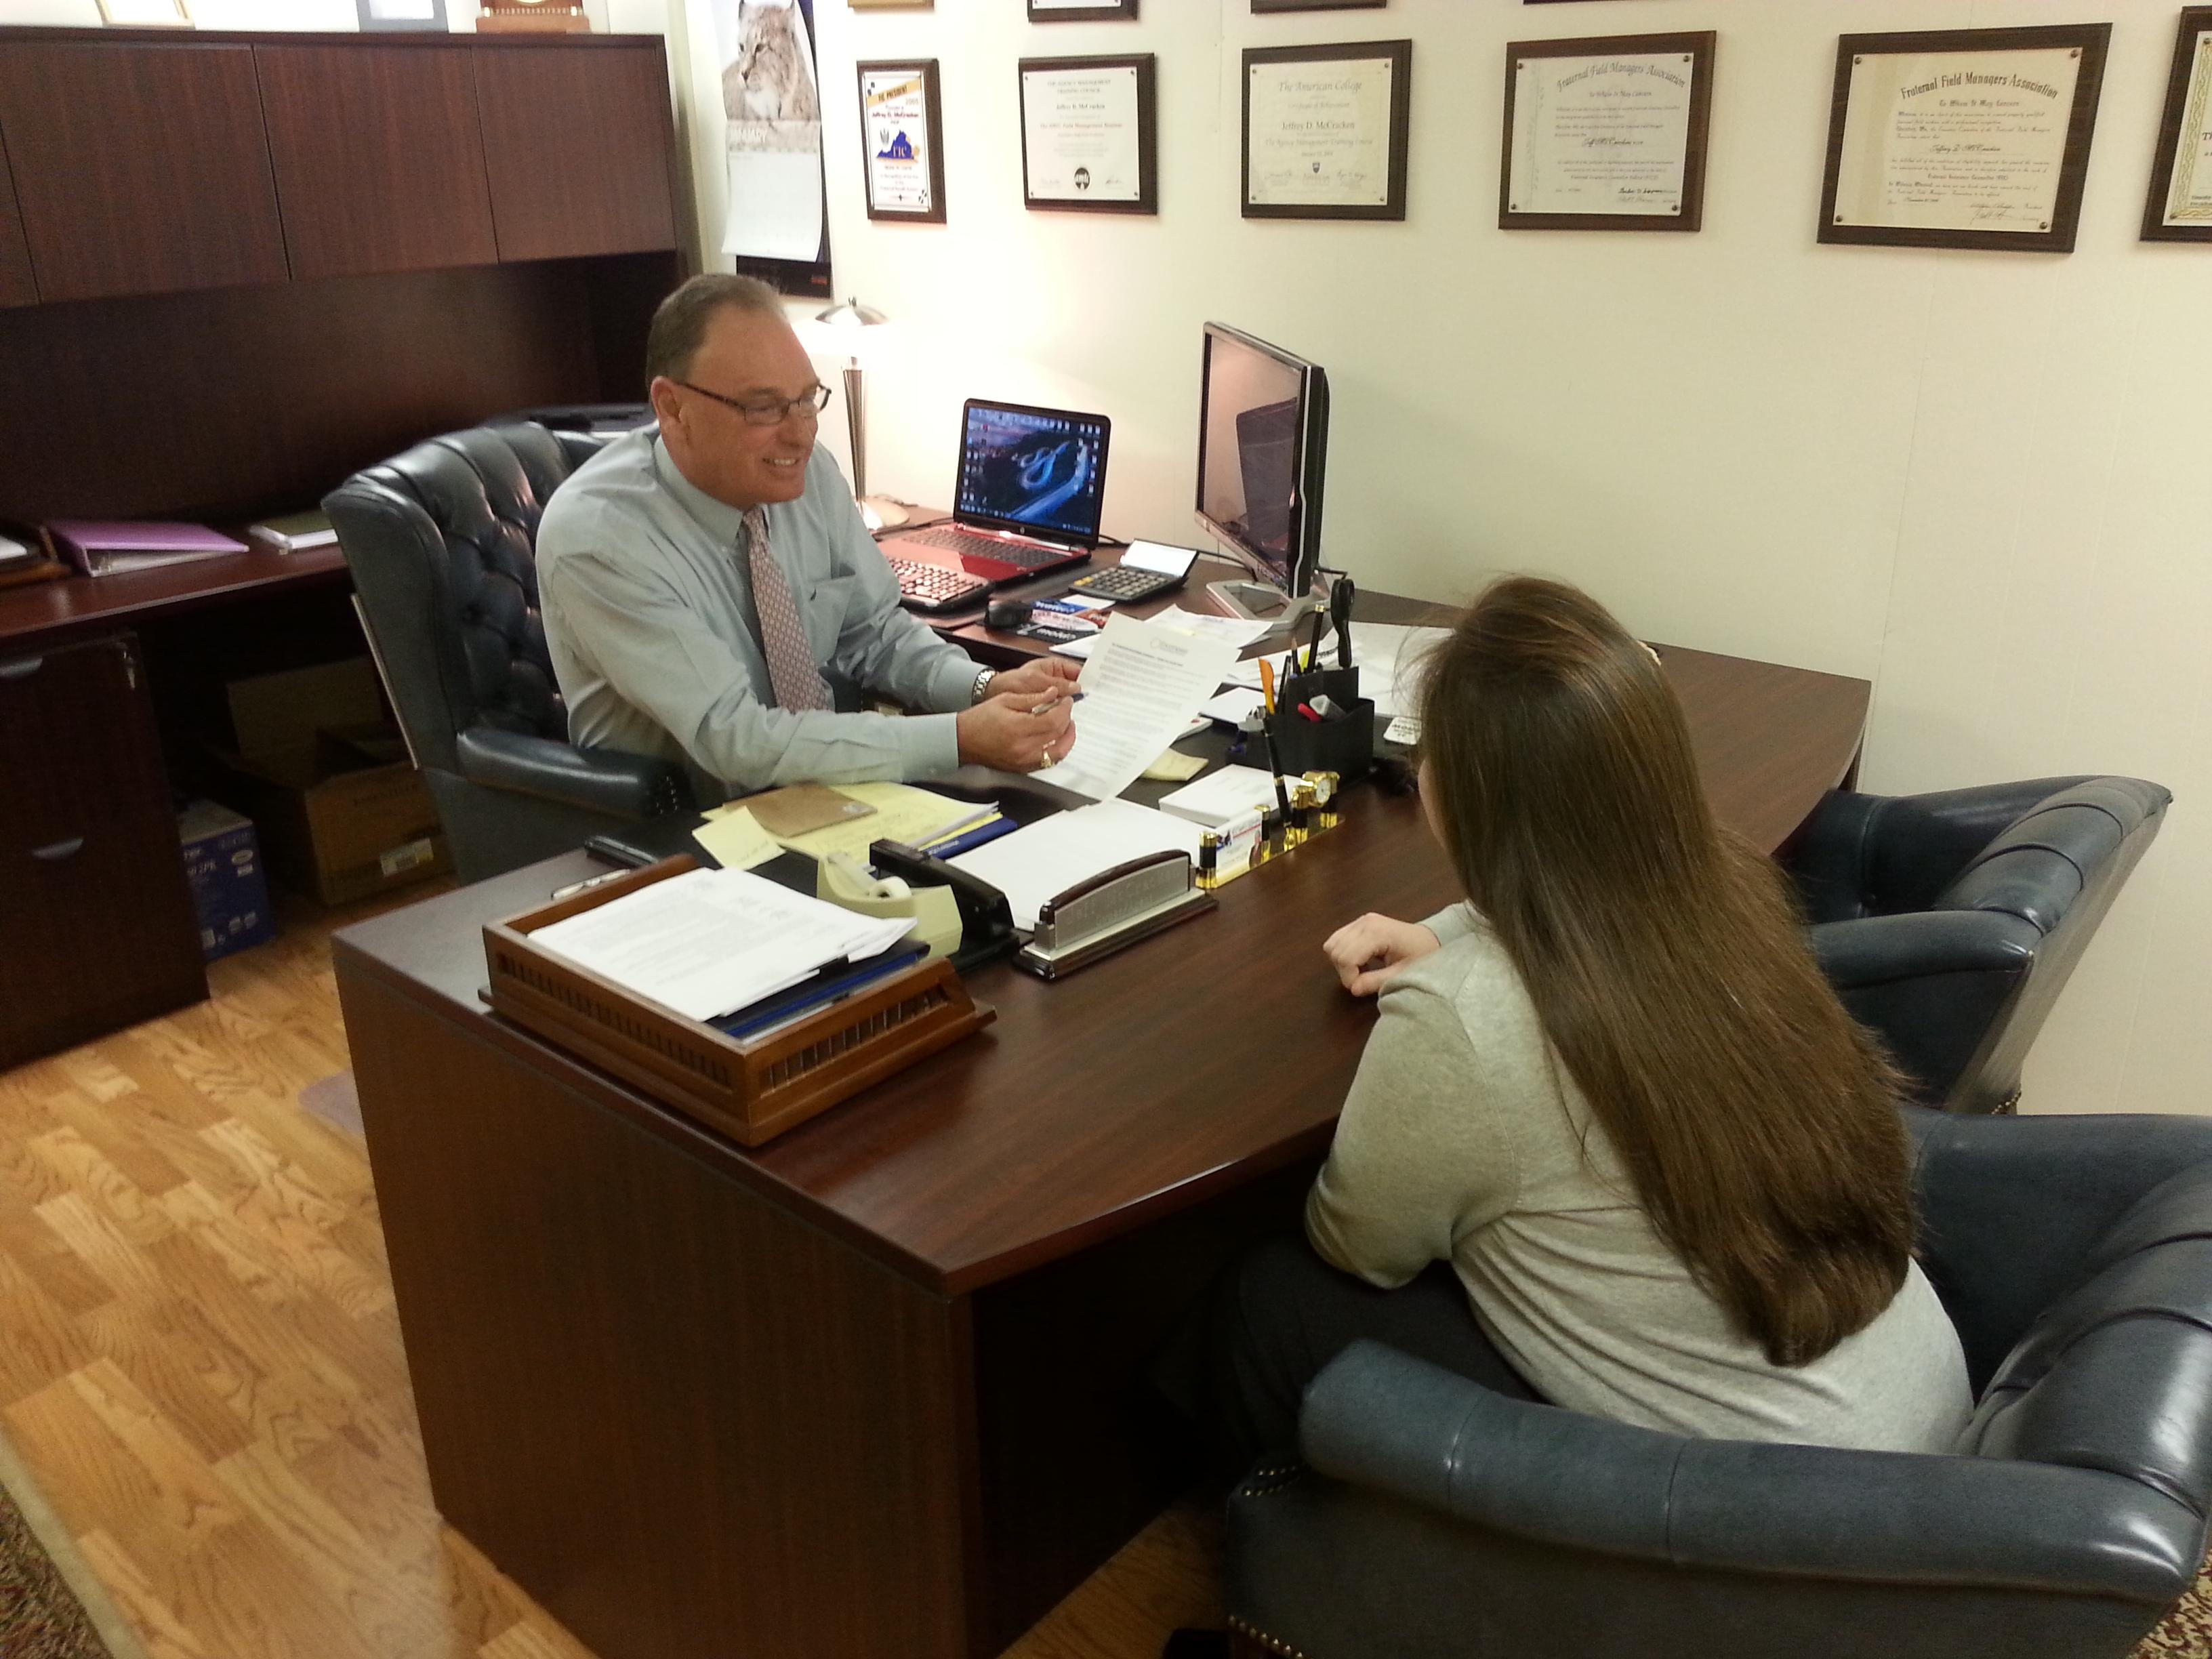 Jeff-in-office